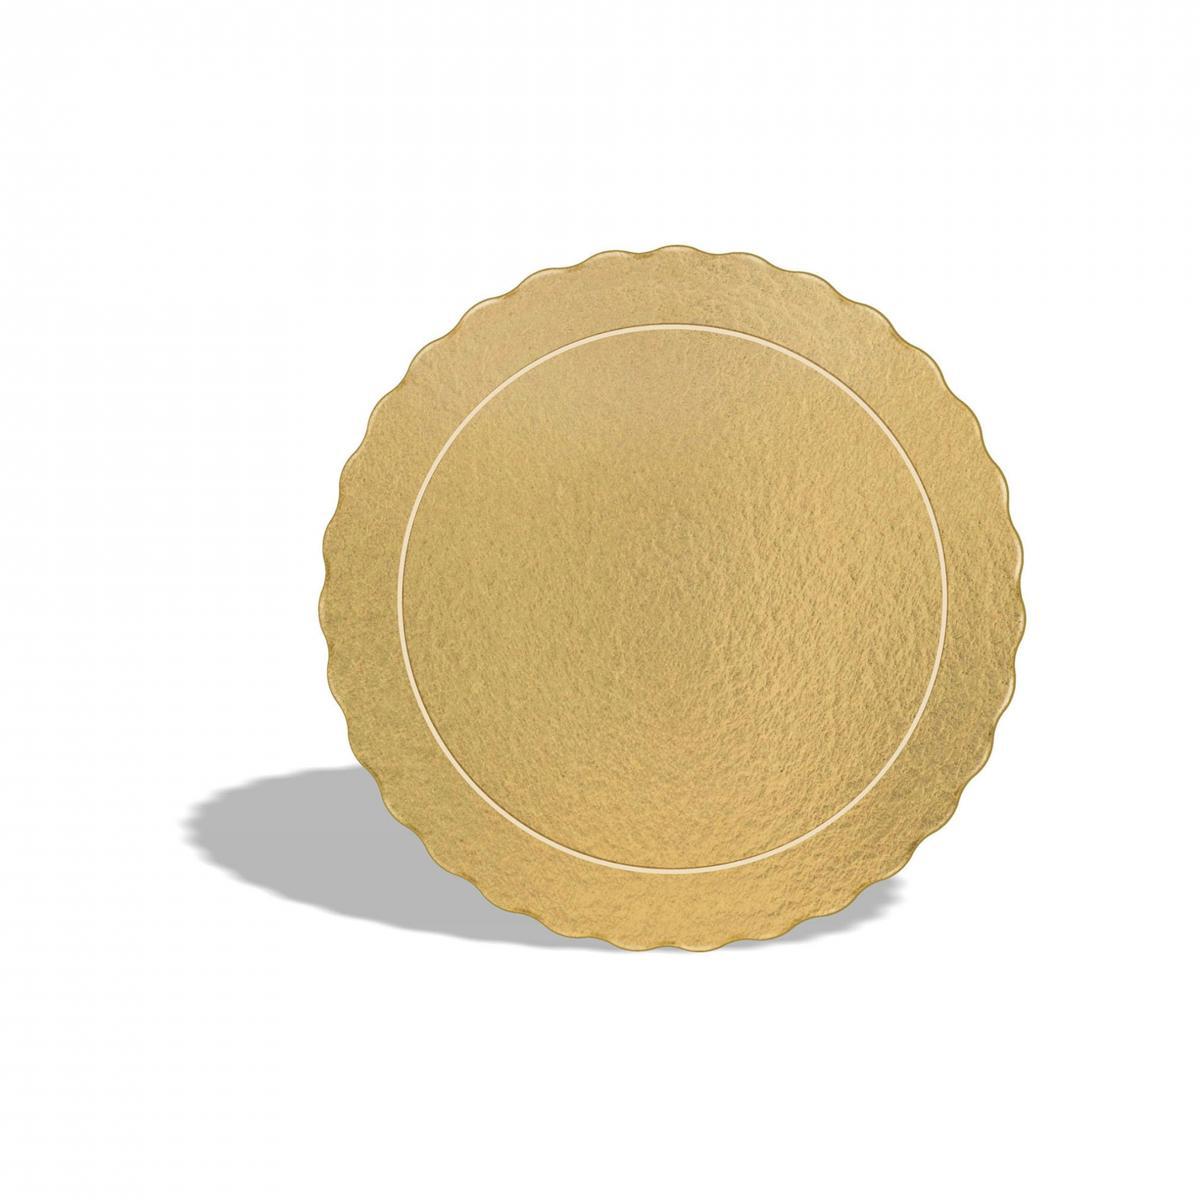 100 Bases Laminadas Para Bolo Redondo, Cake Board 24cm